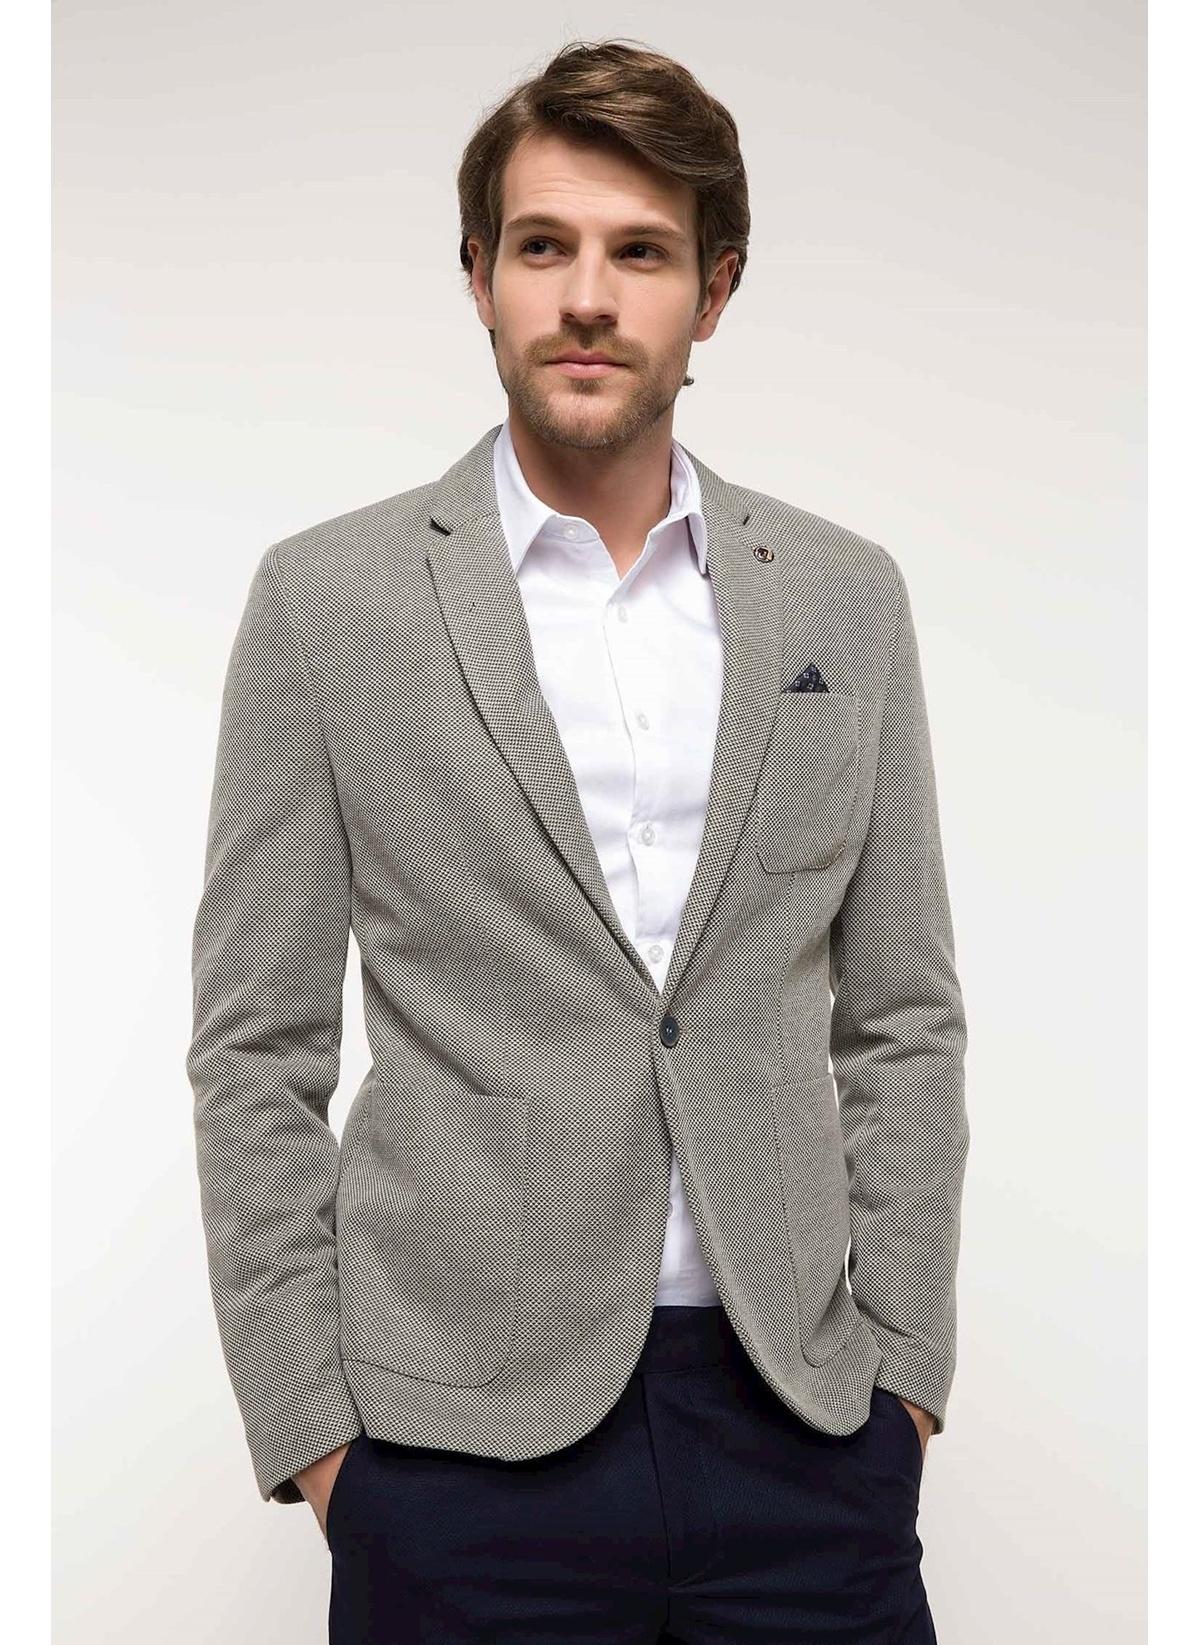 Defacto Slim Fit Mendil Detaylı Blazer Ceket I2827az18spkh64 Ceket – 109.99 TL